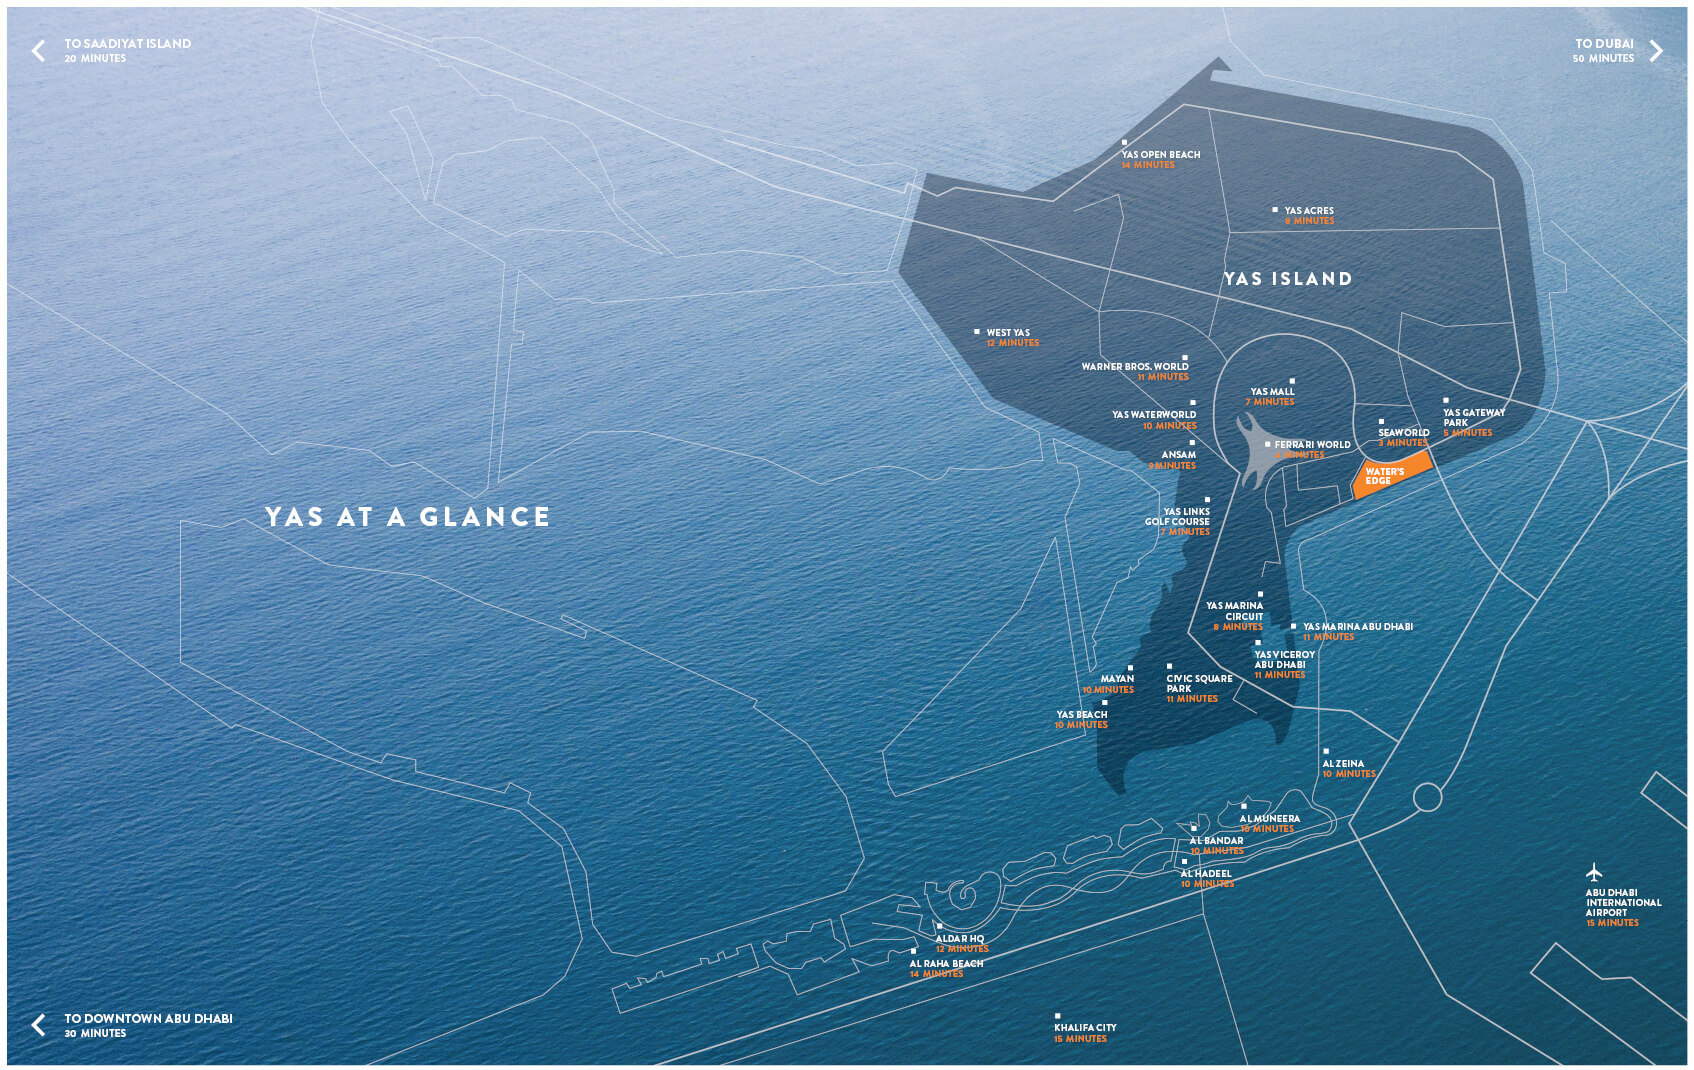 واترز-إدج خريطة الموقع